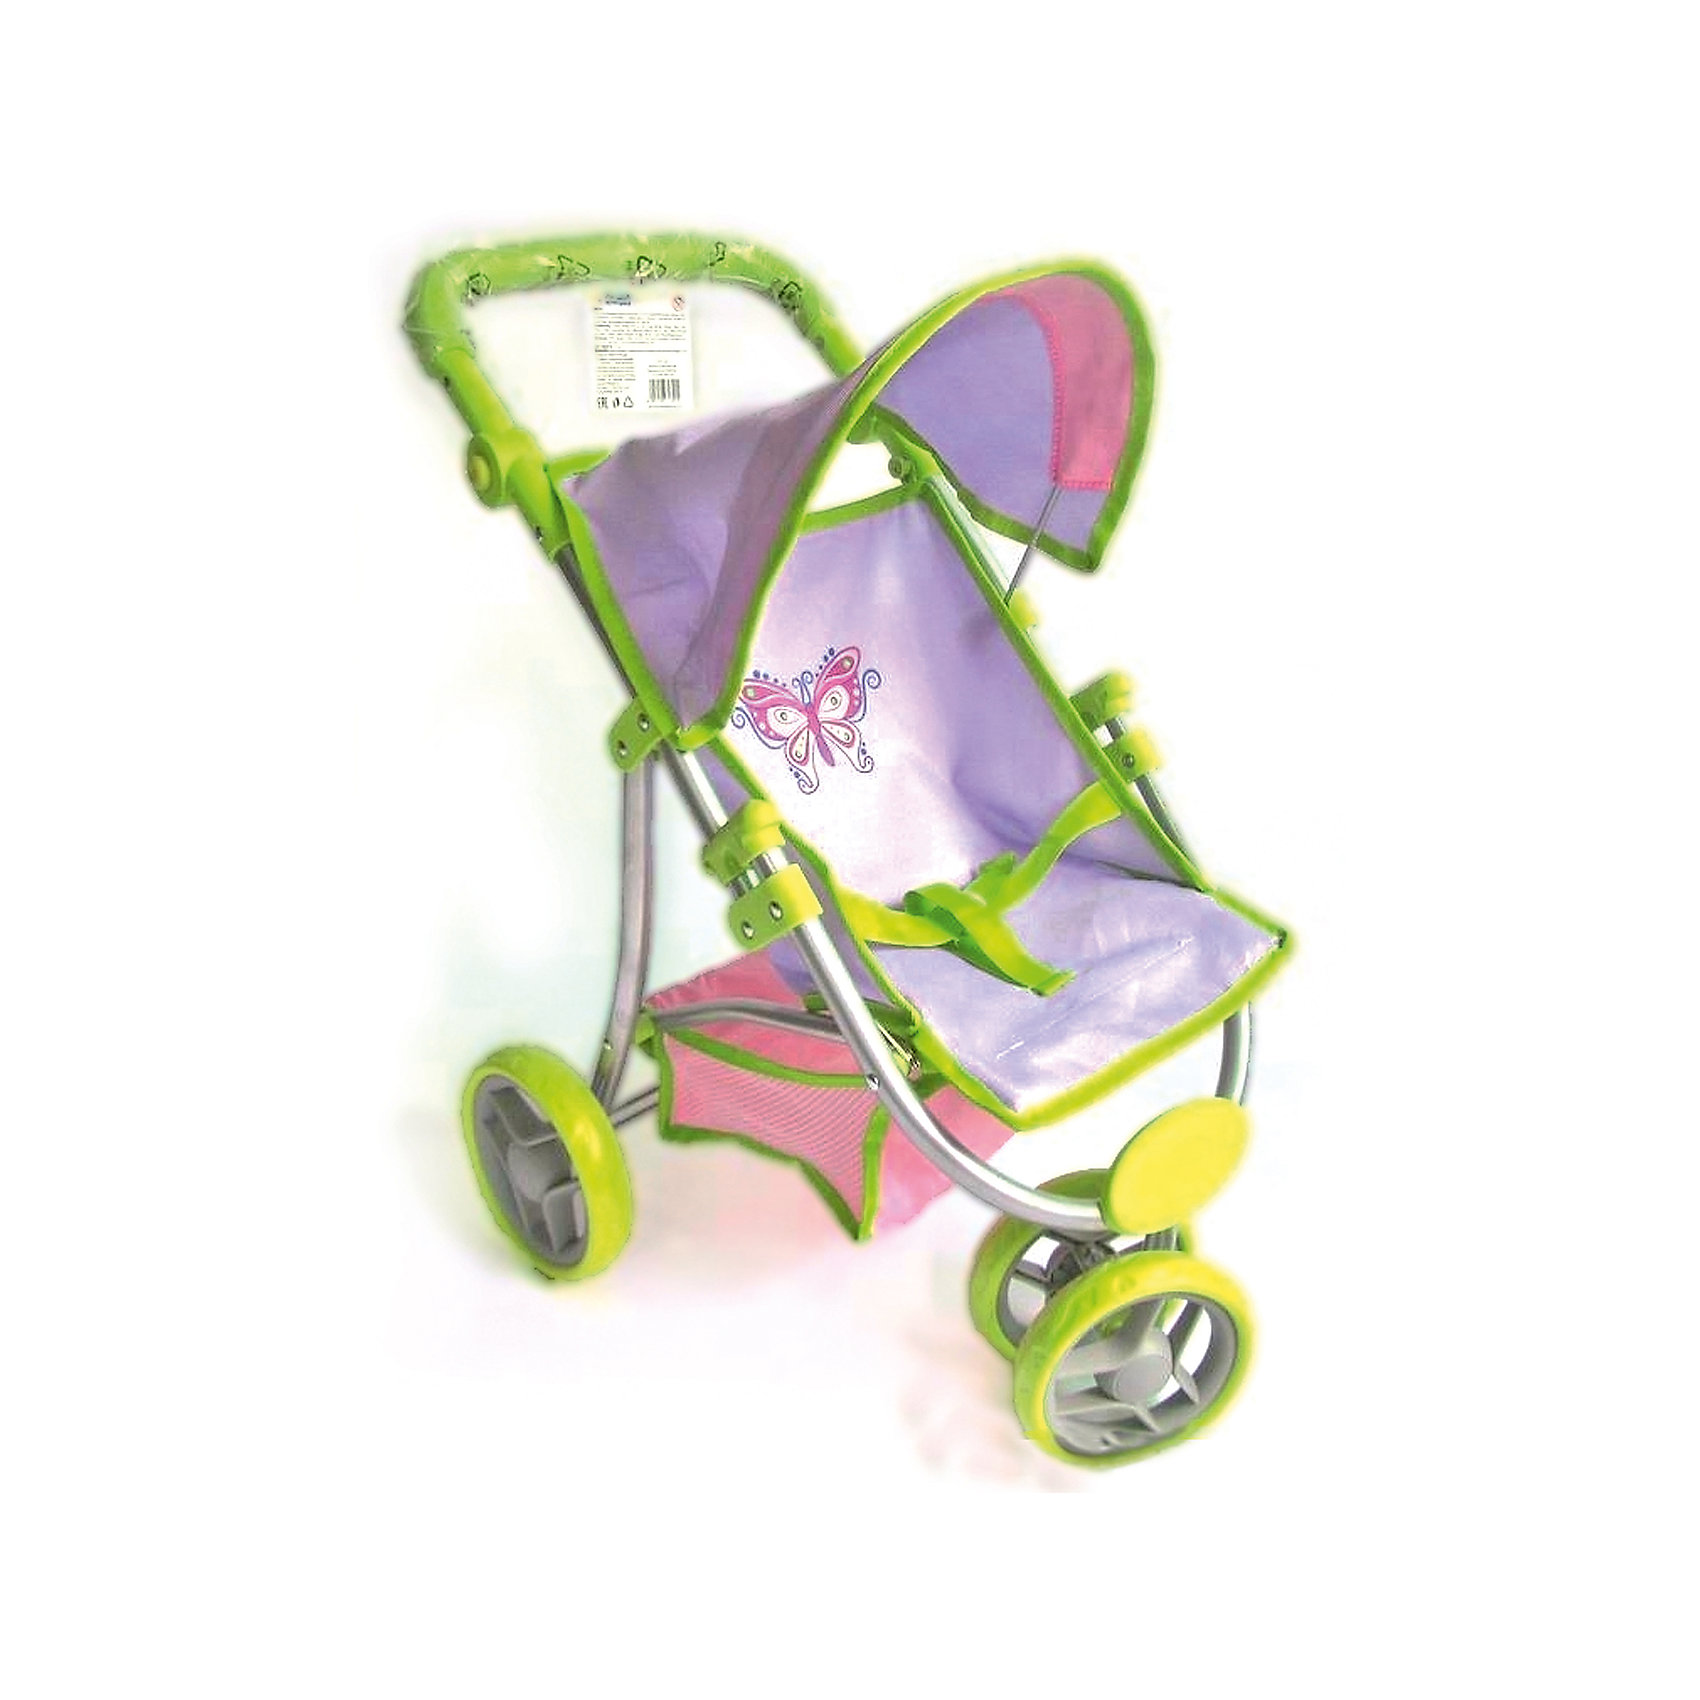 Коляска трехколесная Бабочки, 52,5*36,5*58,5 см, Mary PoppinsУ каждой девочки с детства есть кумир. Чаще всего они хотят быть похожими на своих мам. Что видит малышка, когда смотрит на своего самого родного человека? Прекрасную женщину с коляской. Ребенку тоже хочется быть мамой. Поэтому куклы – любимая игрушка всех девочек. А кукольная коляска – прекрасный атрибут для игры в дочки – матери. Коляска удобна, компактна и имеет отличный дизайн. Материалы, использованные при изготовлении товара, абсолютно безопасны и отвечают всем международным требованиям по качеству.<br><br>Дополнительные характеристики:<br><br>материал: пластик, металл, текстиль;<br>цвет: разноцветный;<br>габариты: 52,5*36,5*58,5 см.<br><br>Коляску трехколесную Бабочки от компании Mary Poppins можно приобрести в нашем магазине.<br><br>Ширина мм: 650<br>Глубина мм: 515<br>Высота мм: 335<br>Вес г: 1833<br>Возраст от месяцев: 36<br>Возраст до месяцев: 96<br>Пол: Женский<br>Возраст: Детский<br>SKU: 5032513